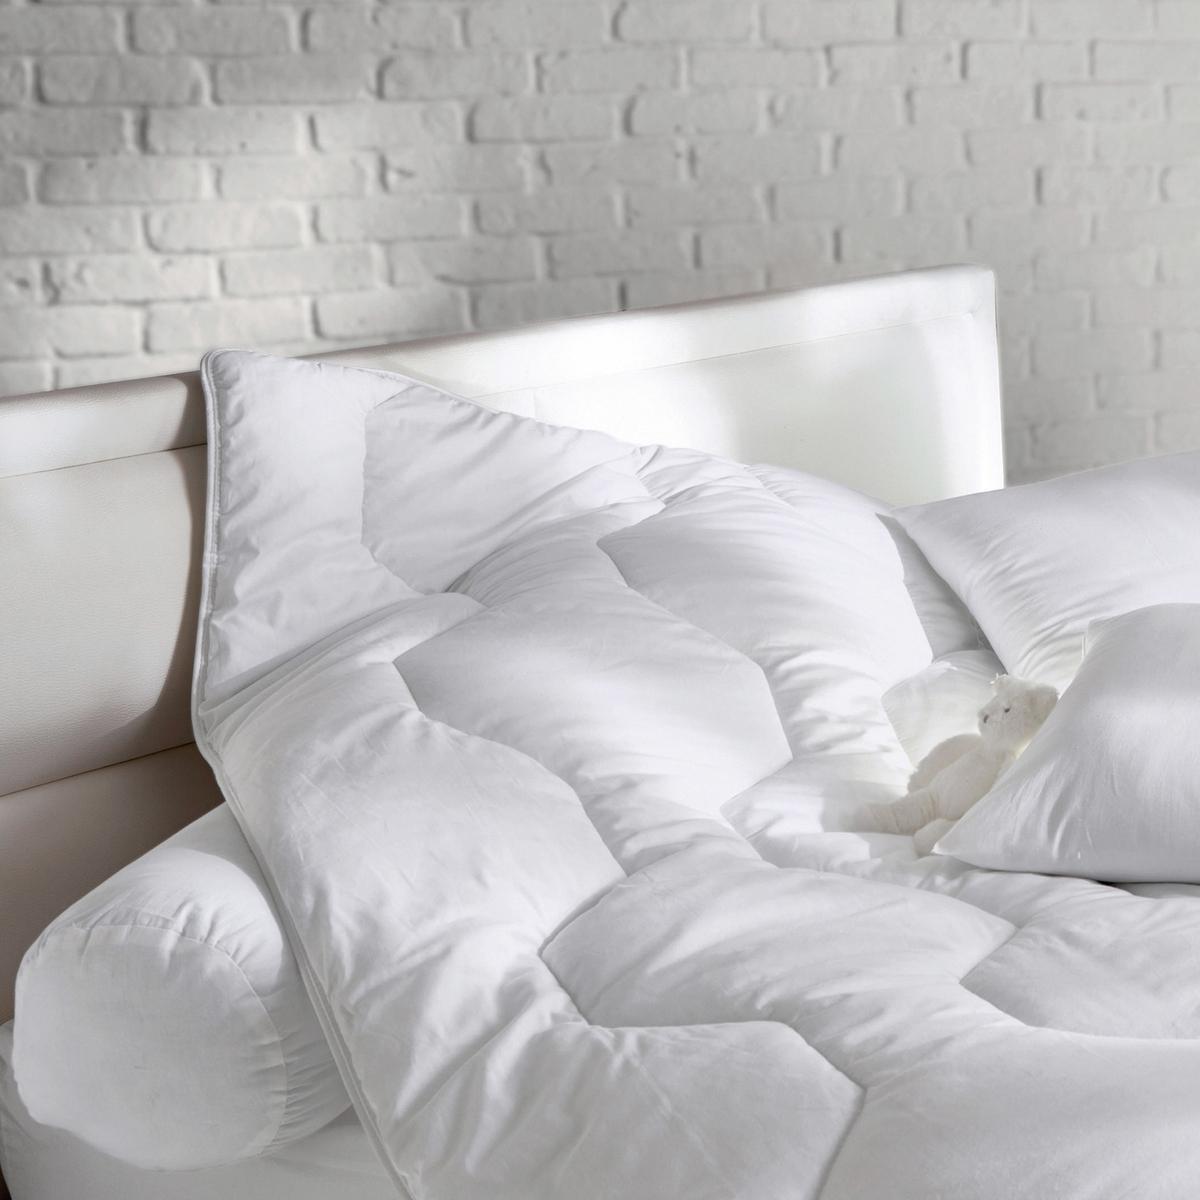 цена Подушка-валик La Redoute С обработкой Santol длина: 90 см белый онлайн в 2017 году